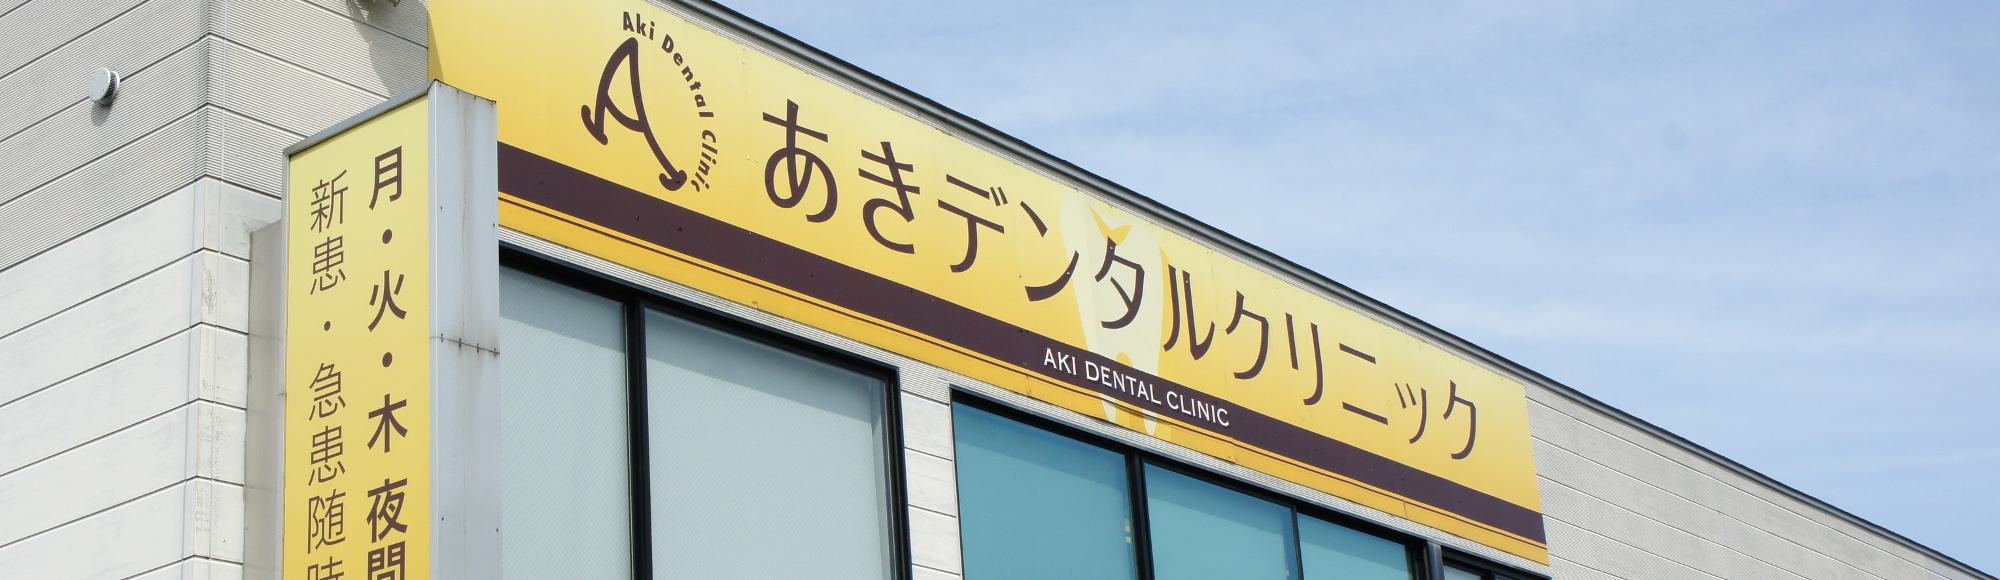 札幌手稲区の歯医者あきデンタルクリニック